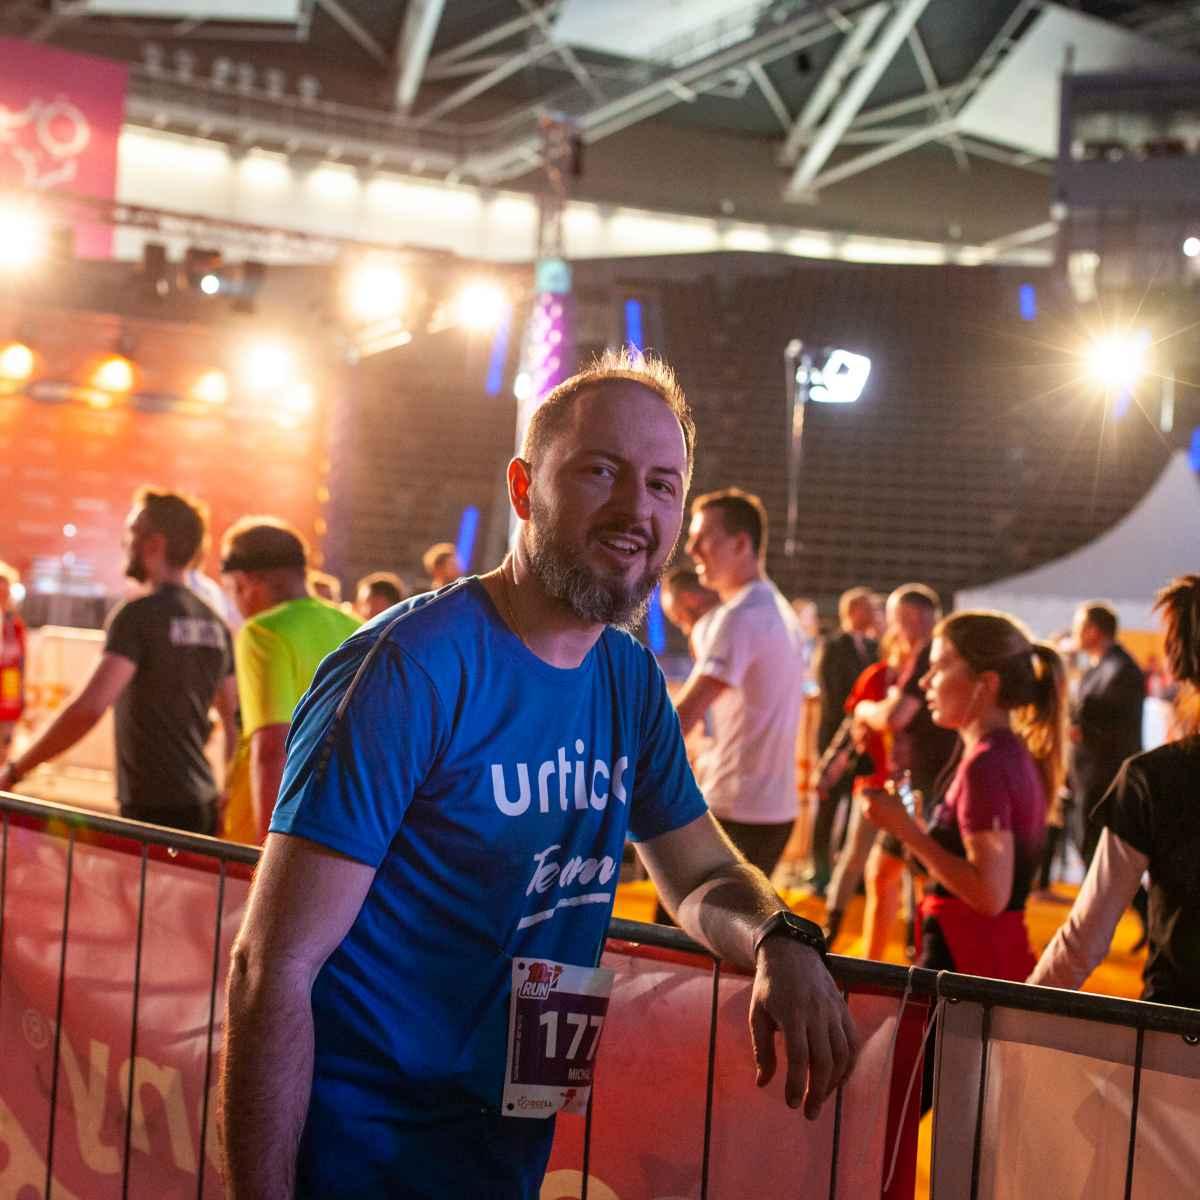 IMG_1240 Wzięliśmy udział w 9. edycji DOZ Maratonu!   Urtica